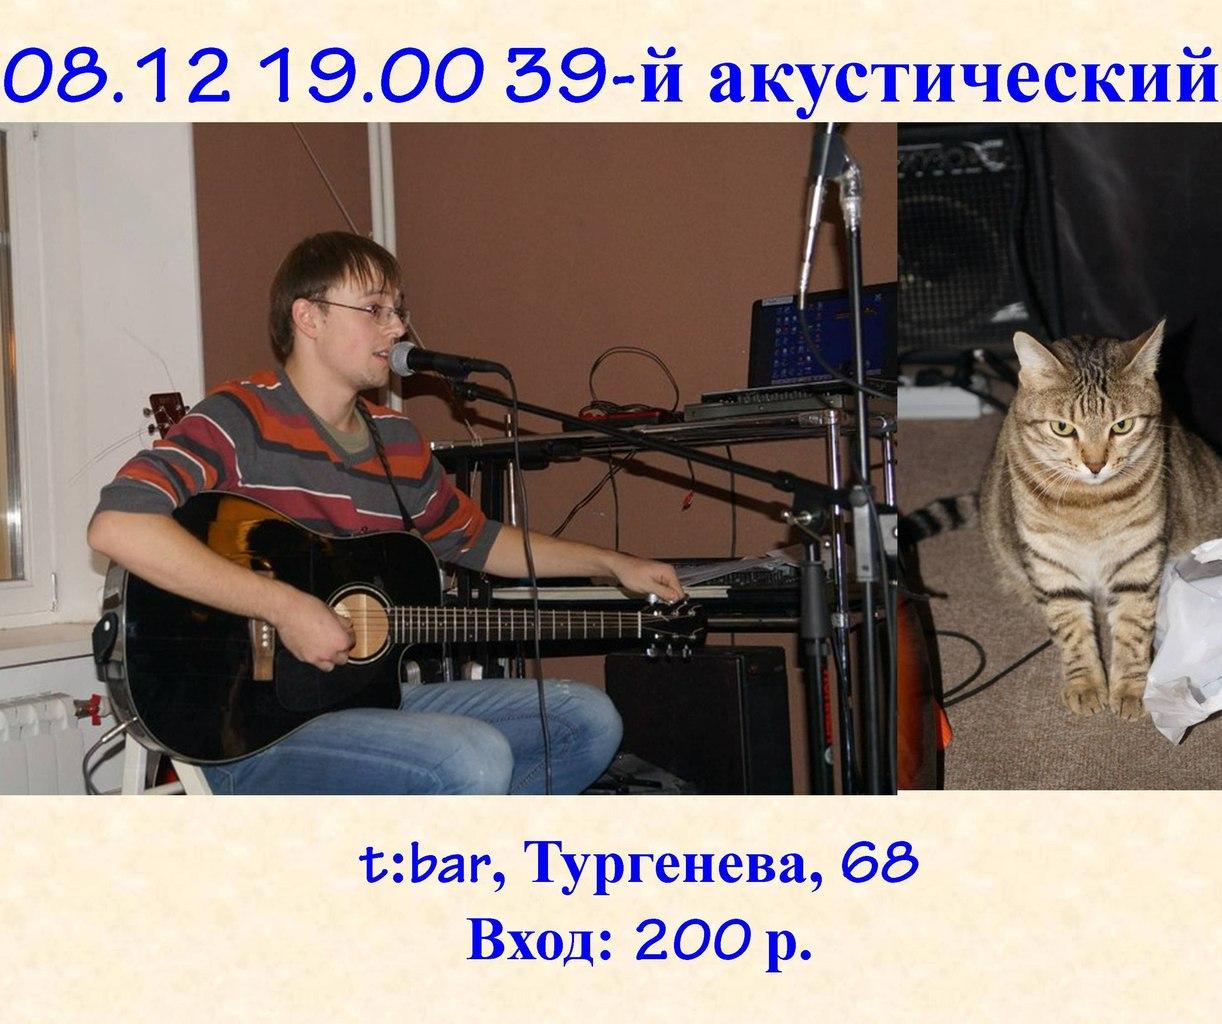 Афиша Хабаровск 39-й акустический